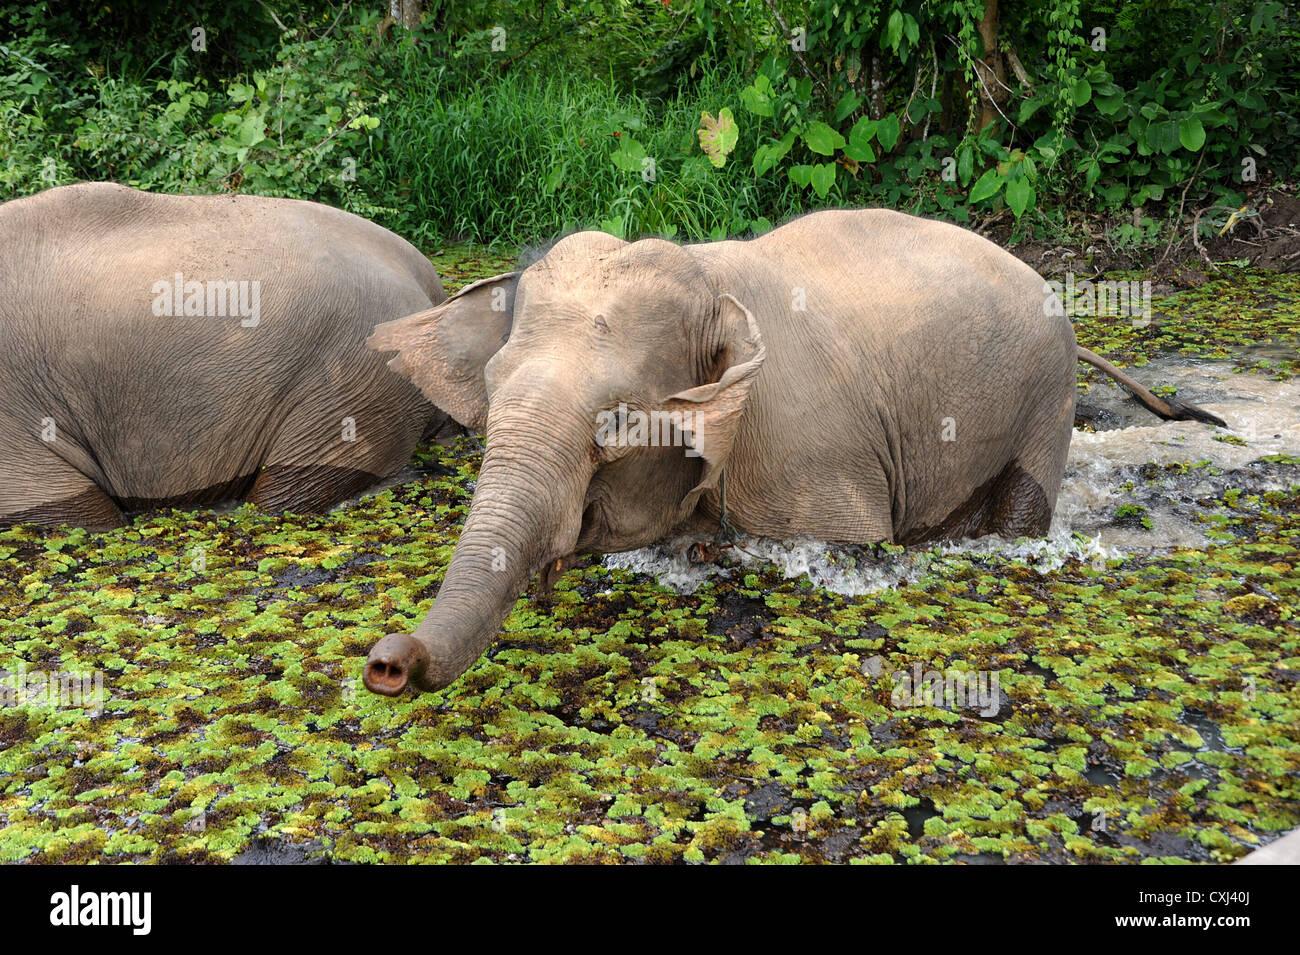 Elephant life at Elephant Conservation Center, Sayaboury, Laos. - Stock Image